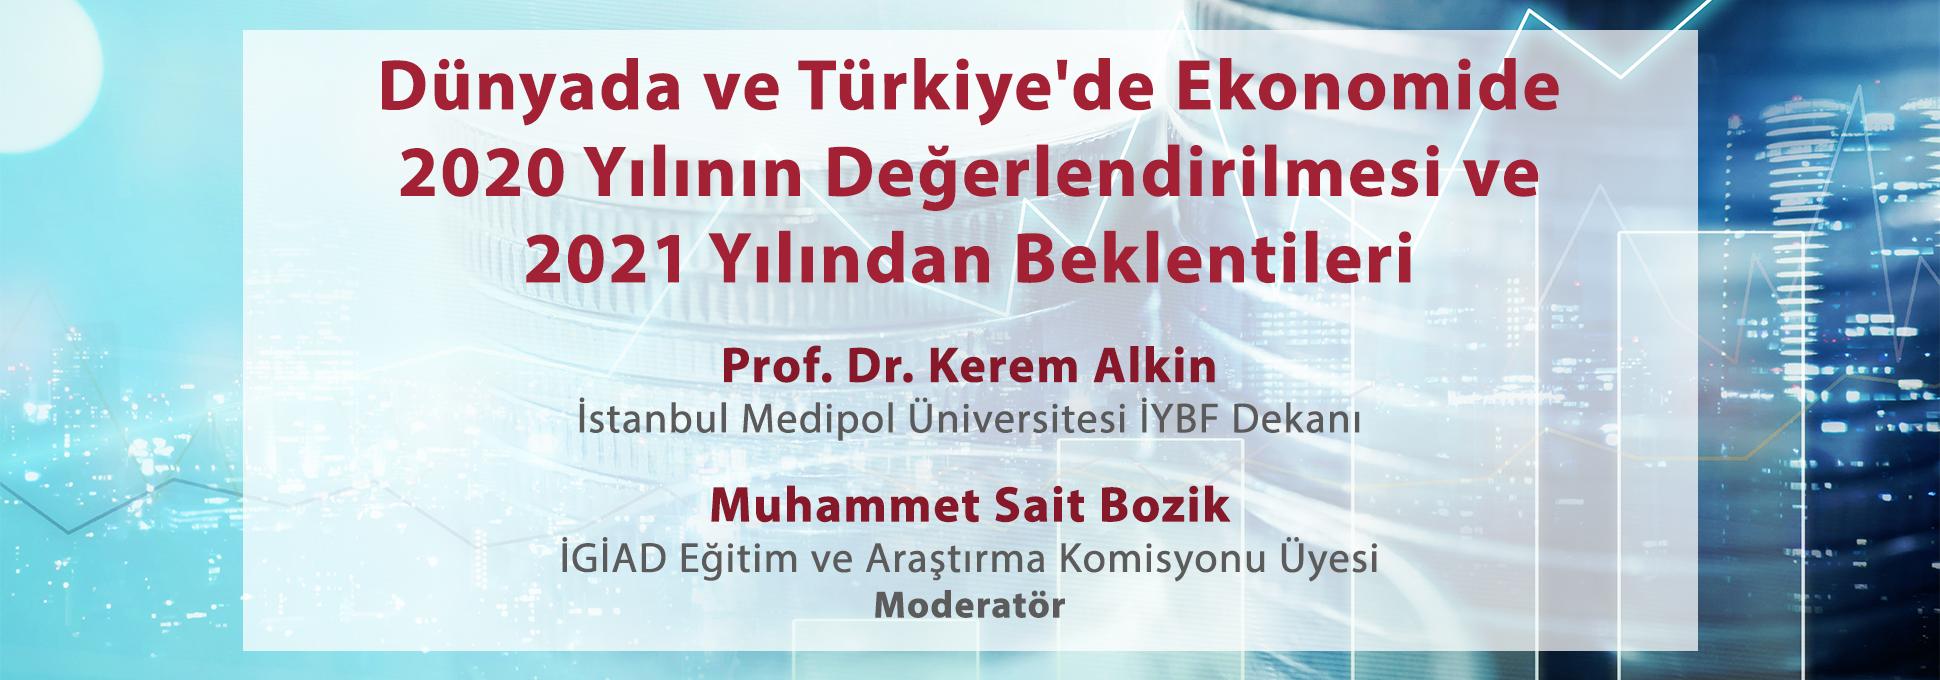 Dünyada ve Türkiye'de Ekonomide 2020 Yılının Değerlendirilmesi ve 2021 Yılından Beklentileri